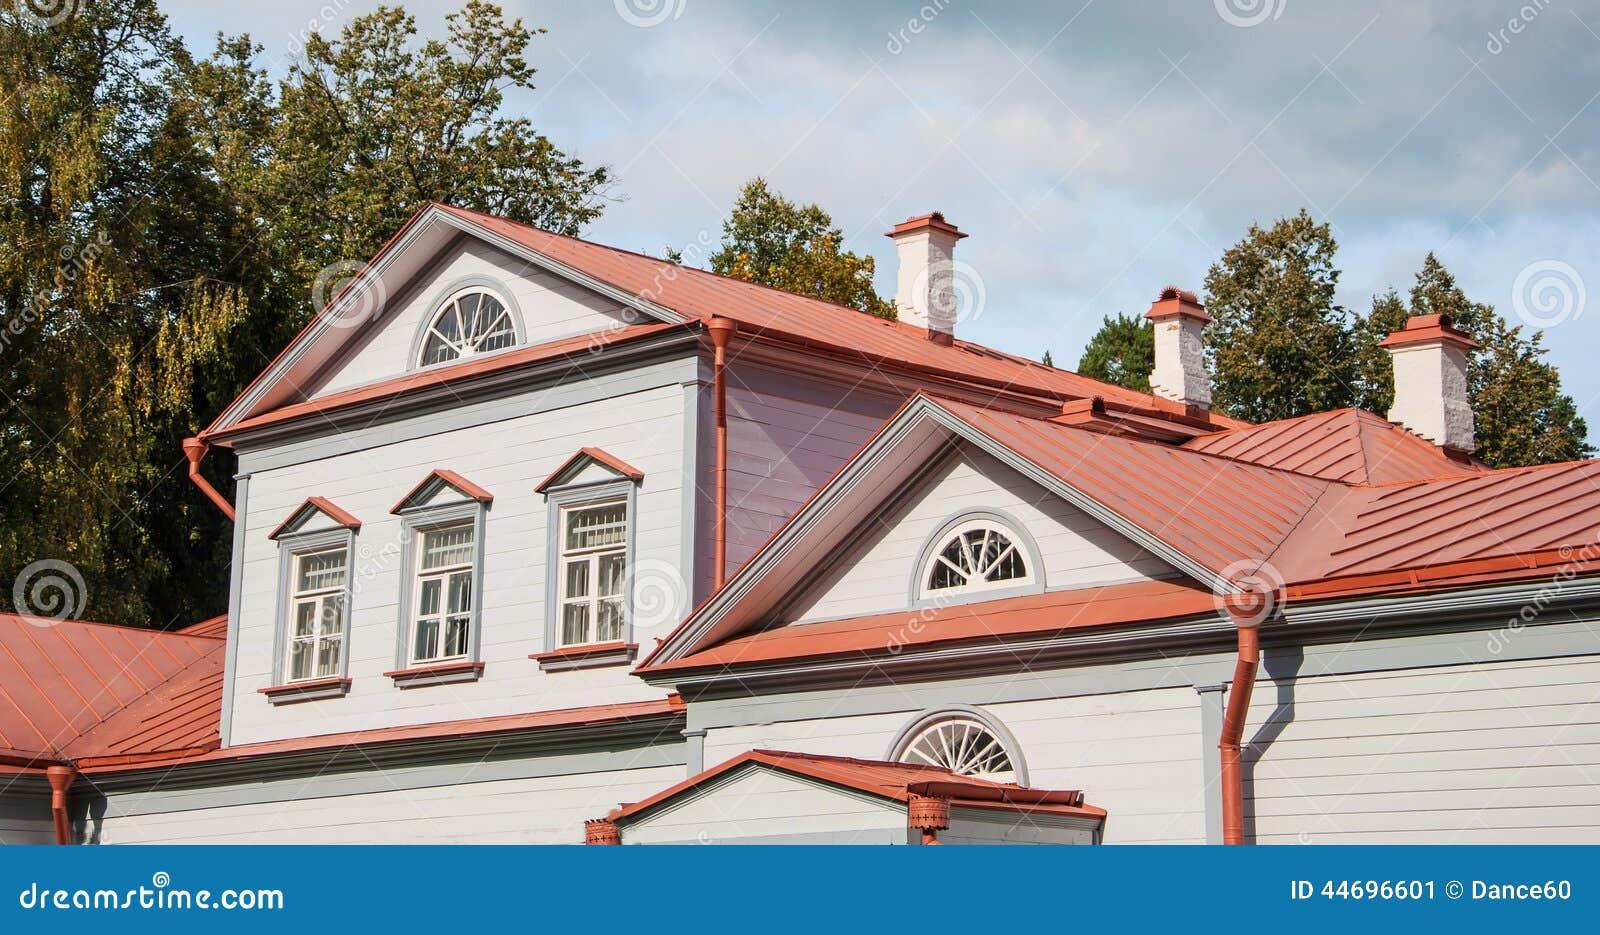 有双重斜坡屋顶的房屋图片